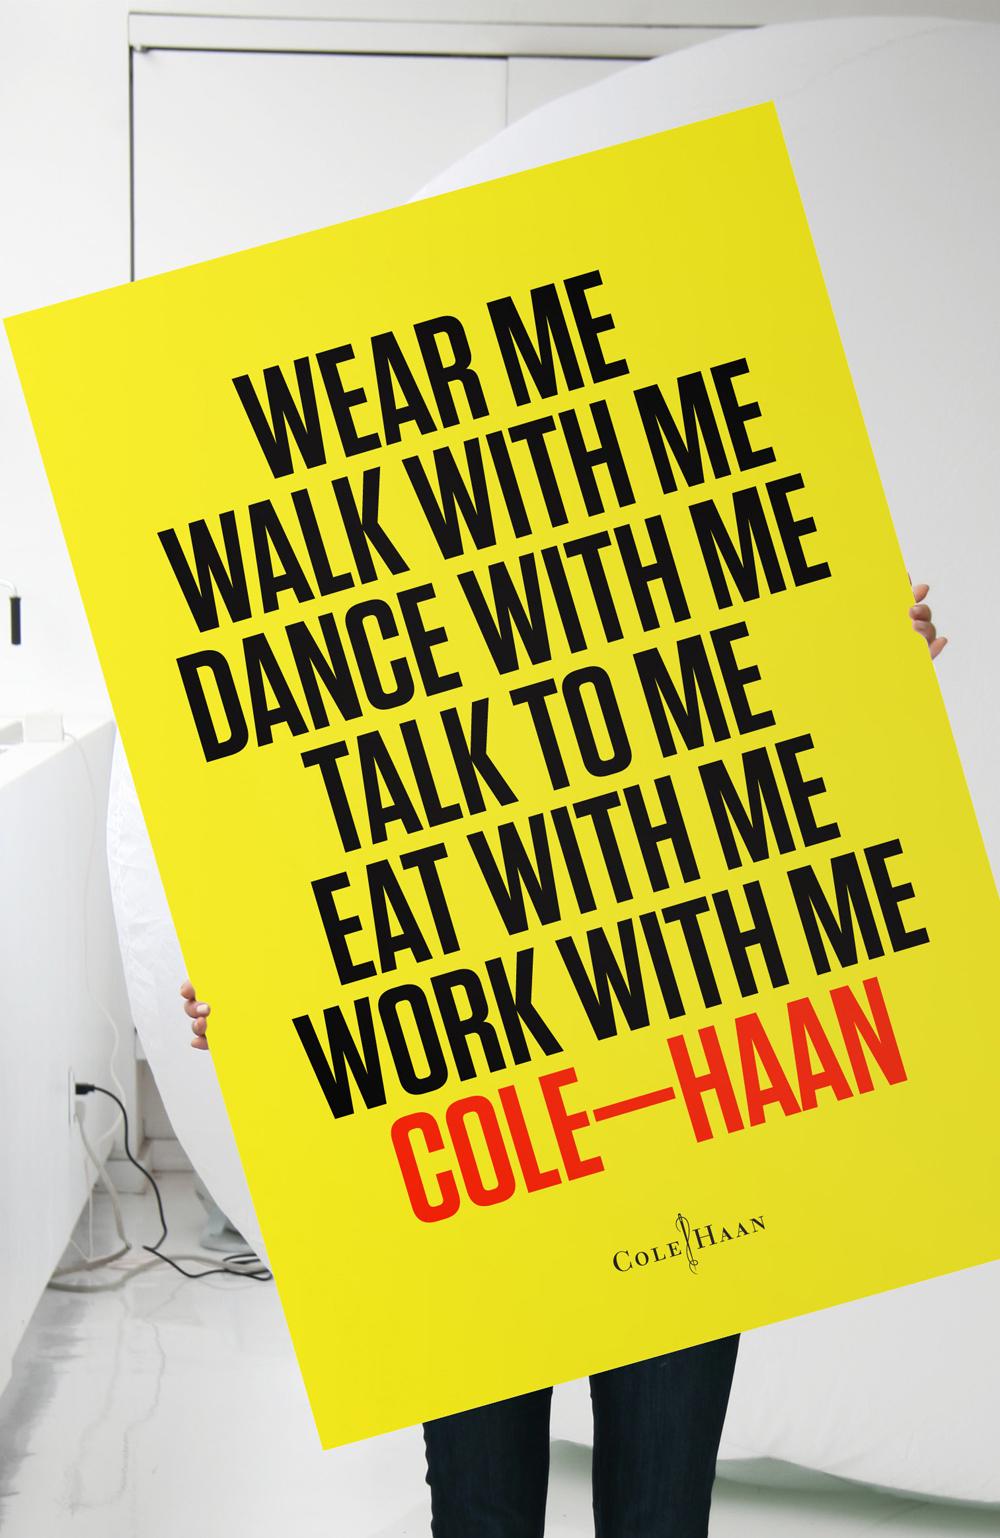 Cole_Haan_2.jpg